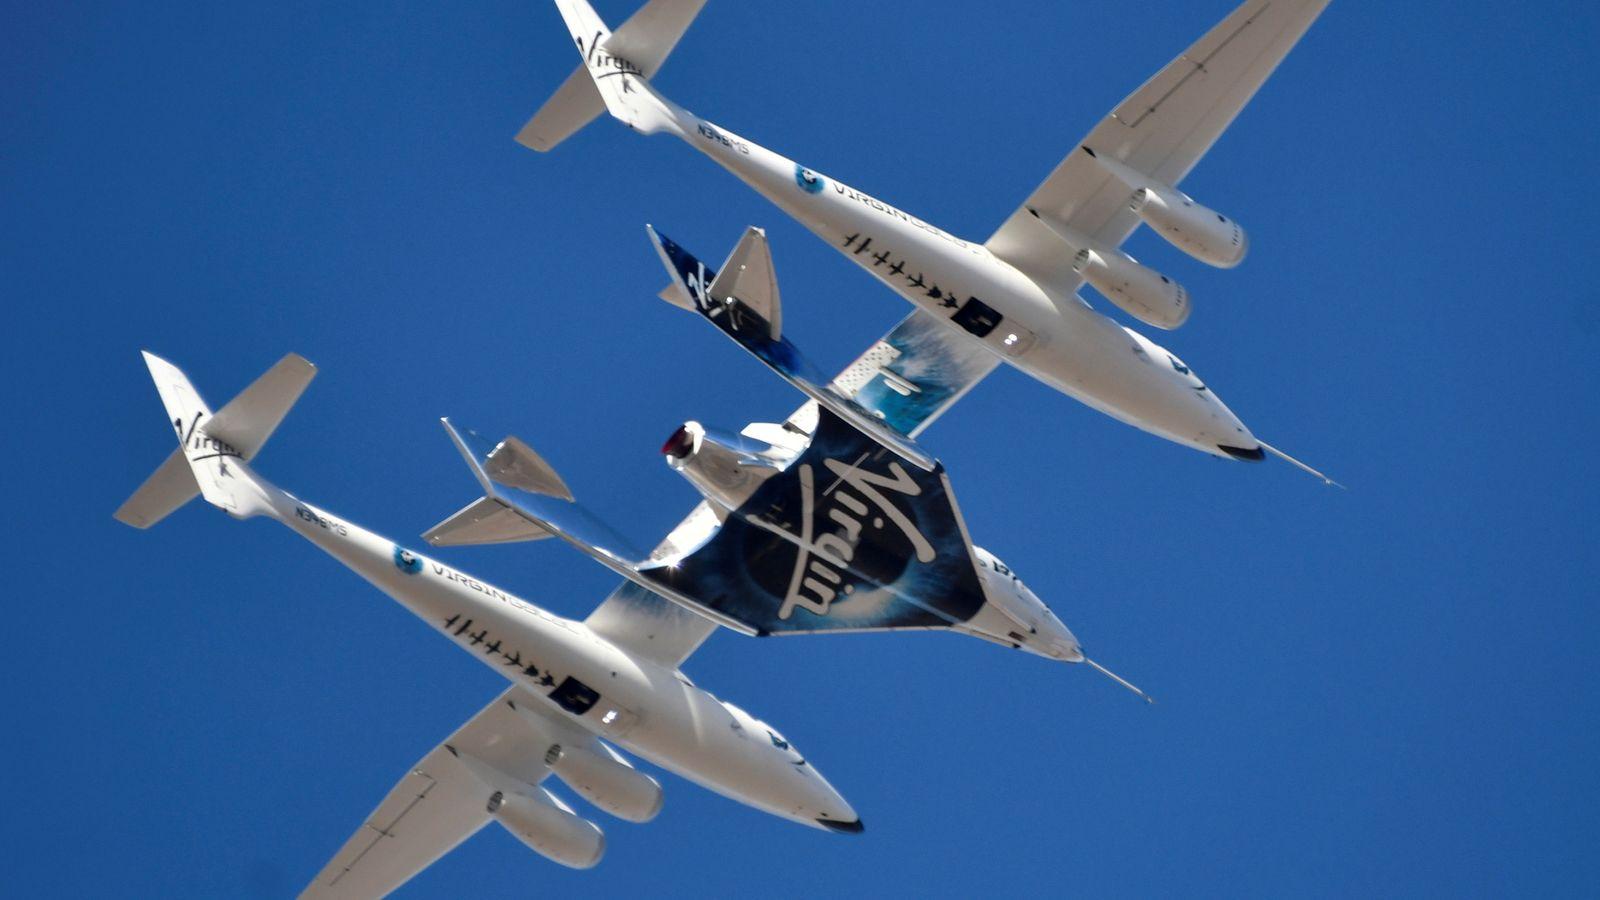 Virgin Galactic postpones next test flight due to safety concerns around 'strength margins'